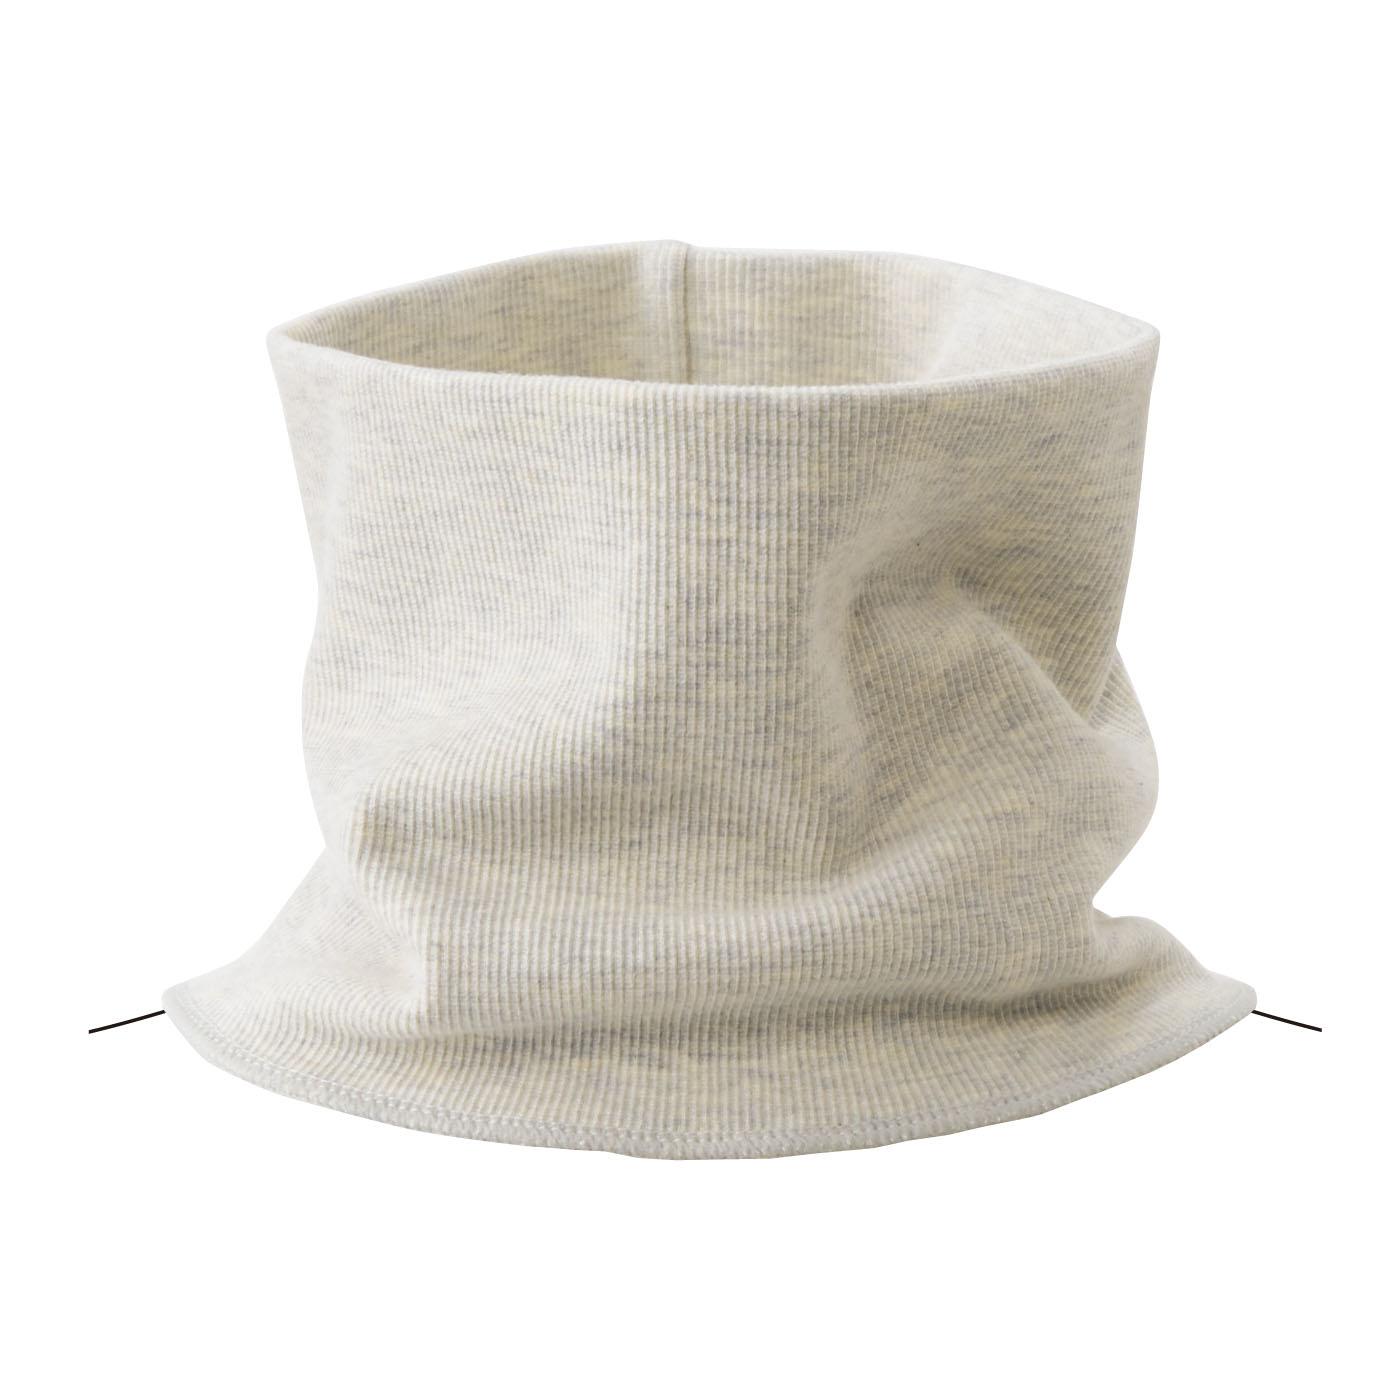 オートミール 肌ざわりがなめらかな綿レーヨン素材。下端は服の下でもたつかない仕上げ。